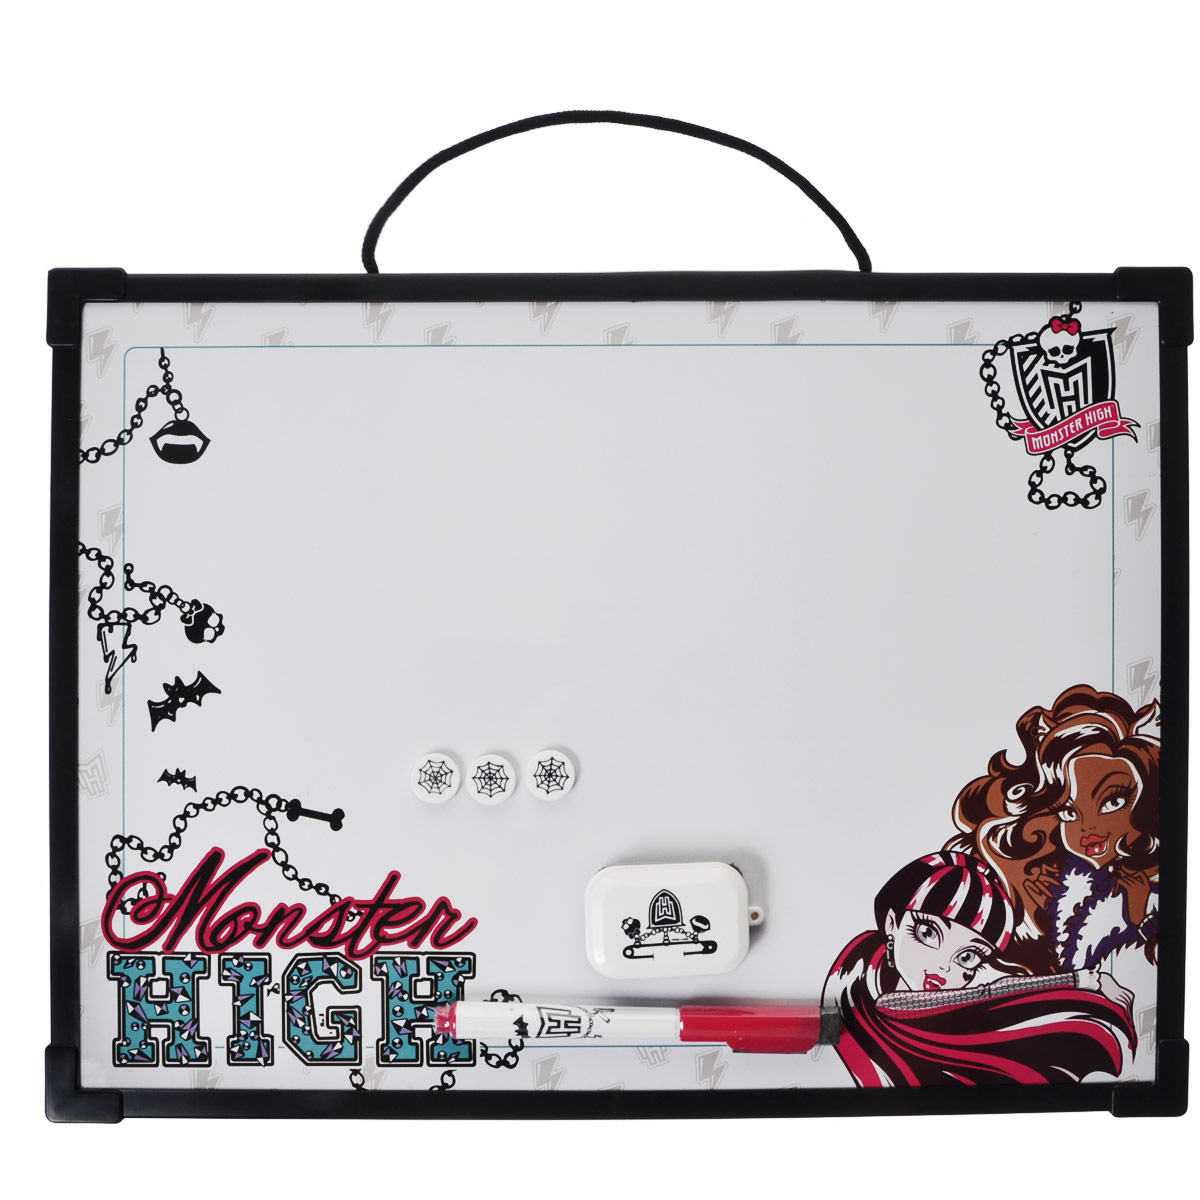 Доска магнитно-маркерная Monster High, цвет: черный, с аксессуарамиFS-00897Магнитно-маркерная доска Monster High - прекрасный способ для развития творческих и мыслительных способностей ребенка.Края доски обрамлены пластиком, который защищает ее от повреждений. В комплекте с доской предусмотрены специальный маркер с колпачком-стеркой из фетра, три круглых магнита и специальная губка для стирания записей и рисунков. Доска оформлена изображением персонажей мультсериала Школа Монстров и имеет удобную веревочную петлю для подвешивания. Чернила маркера безопасные и нетоксичные.Магнитно-маркерная доска Monster High отлично подойдет для игр и учебы.